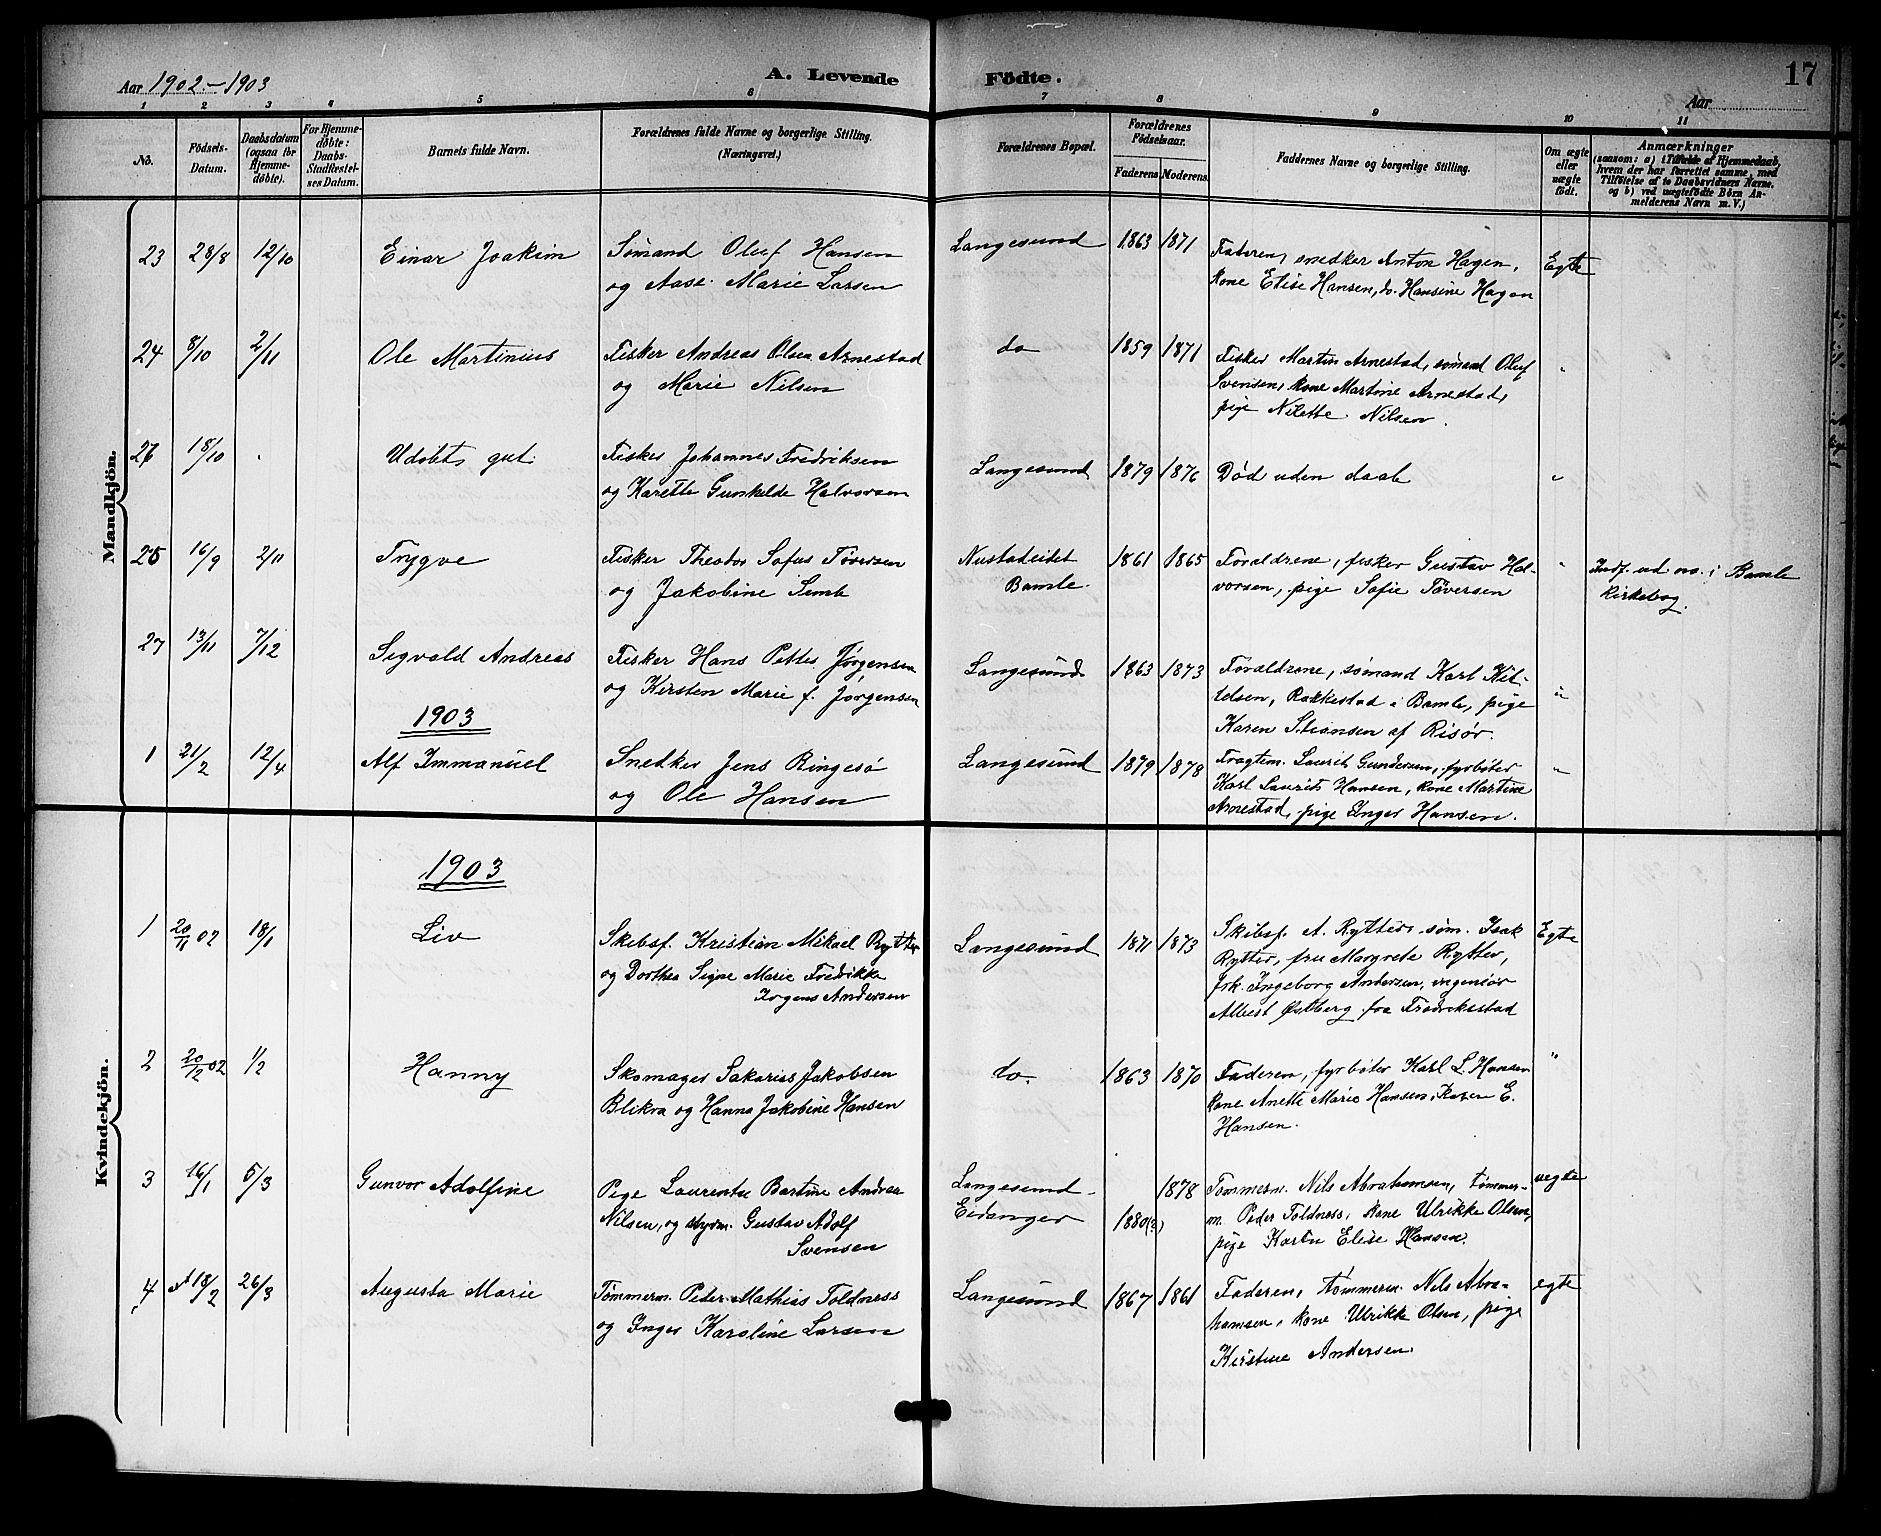 SAKO, Langesund kirkebøker, G/Ga/L0006: Klokkerbok nr. 6, 1899-1918, s. 17